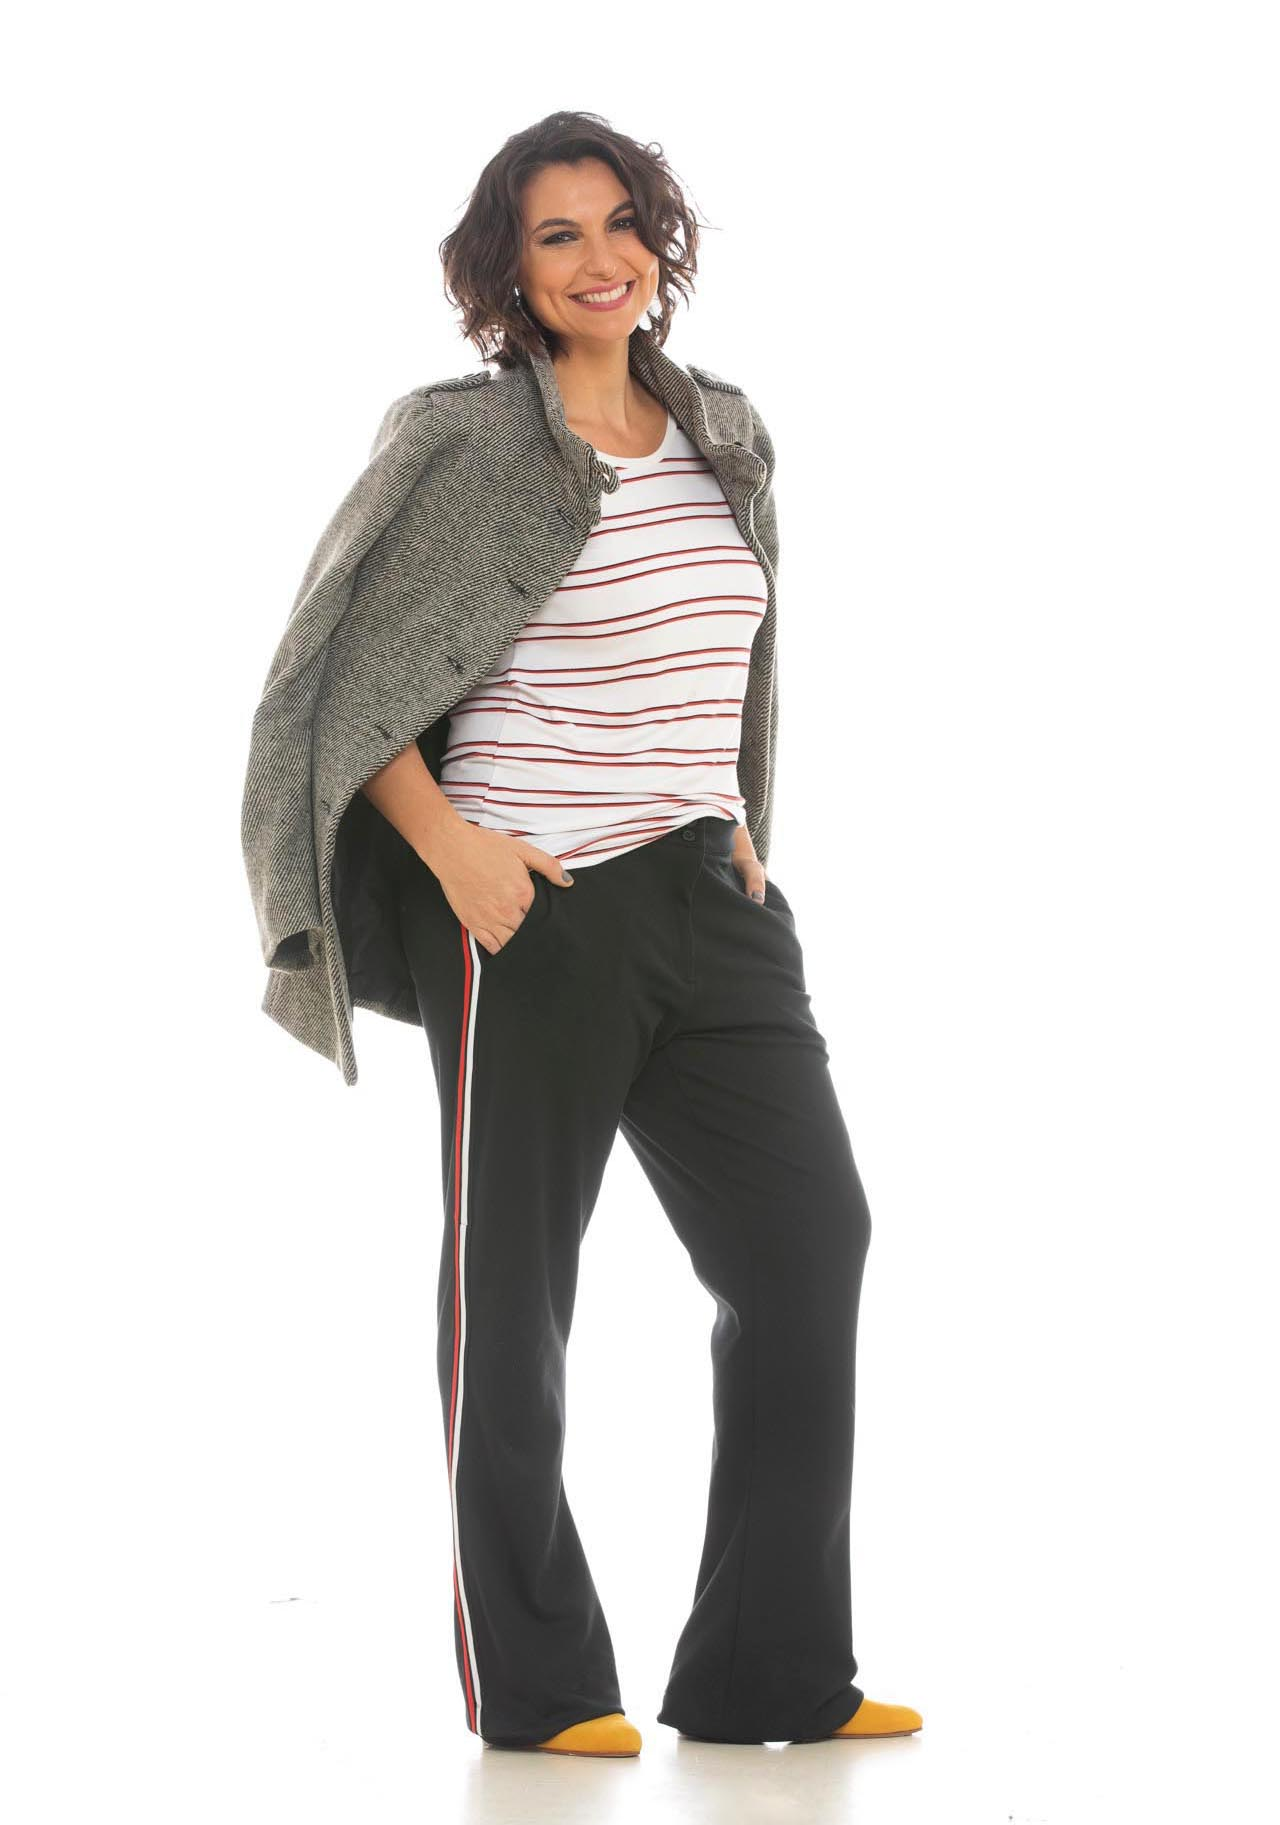 Sacón espigado, remera rayada, pantalón con franja lateral ($ 8.980, $ 1.799 y $ 3.200).